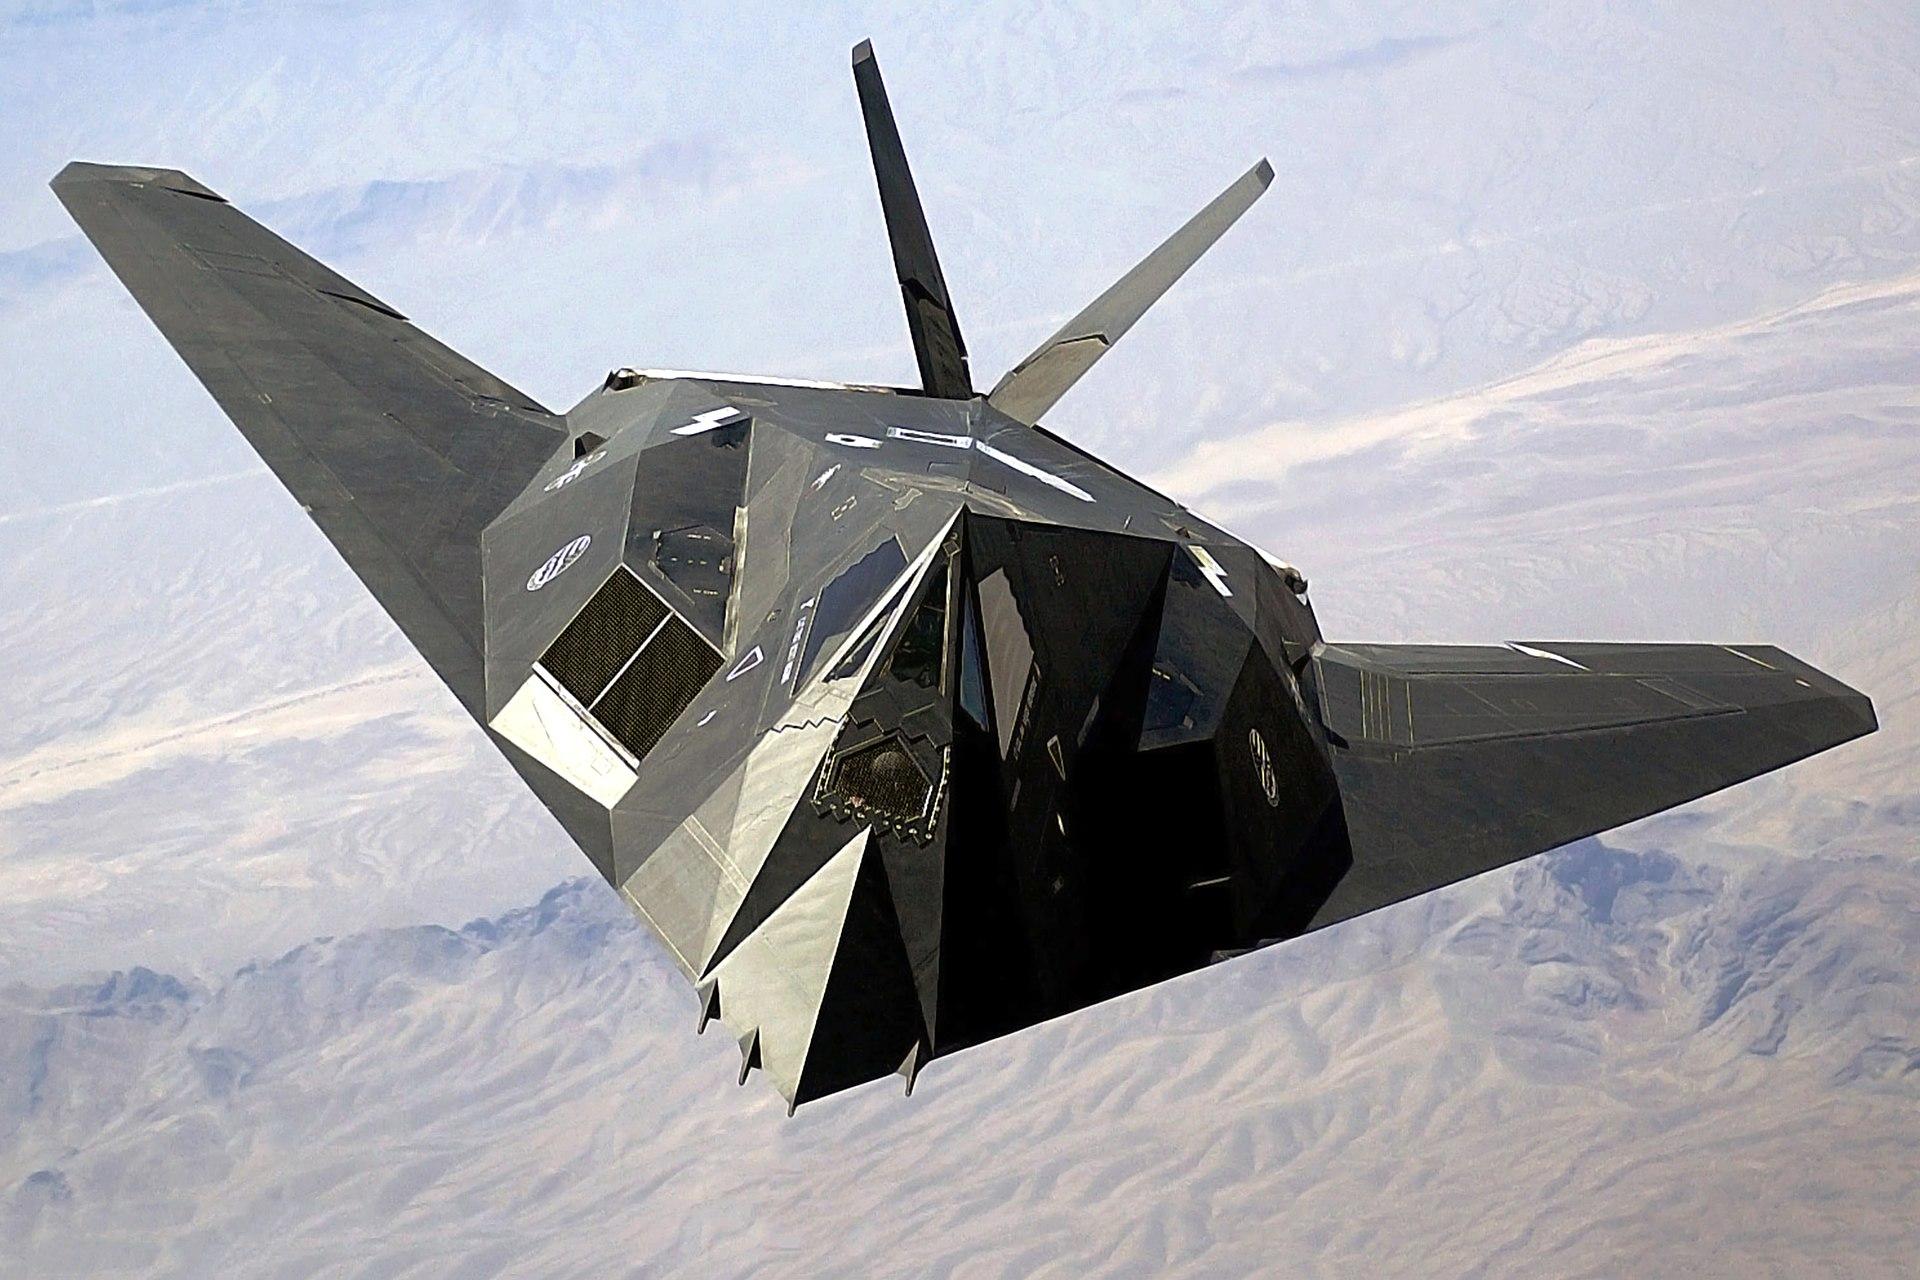 F-117A Nighthawk Stealth Fighter